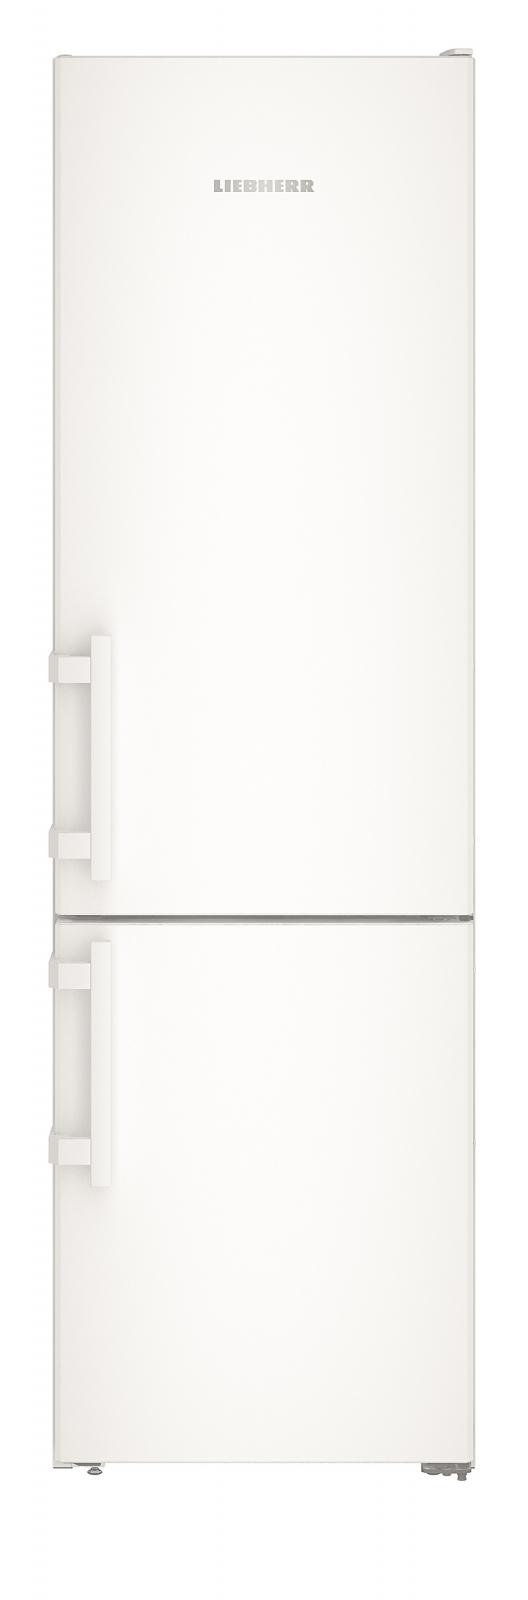 купить Двухкамерный холодильник Liebherr C 4025 Украина фото 1